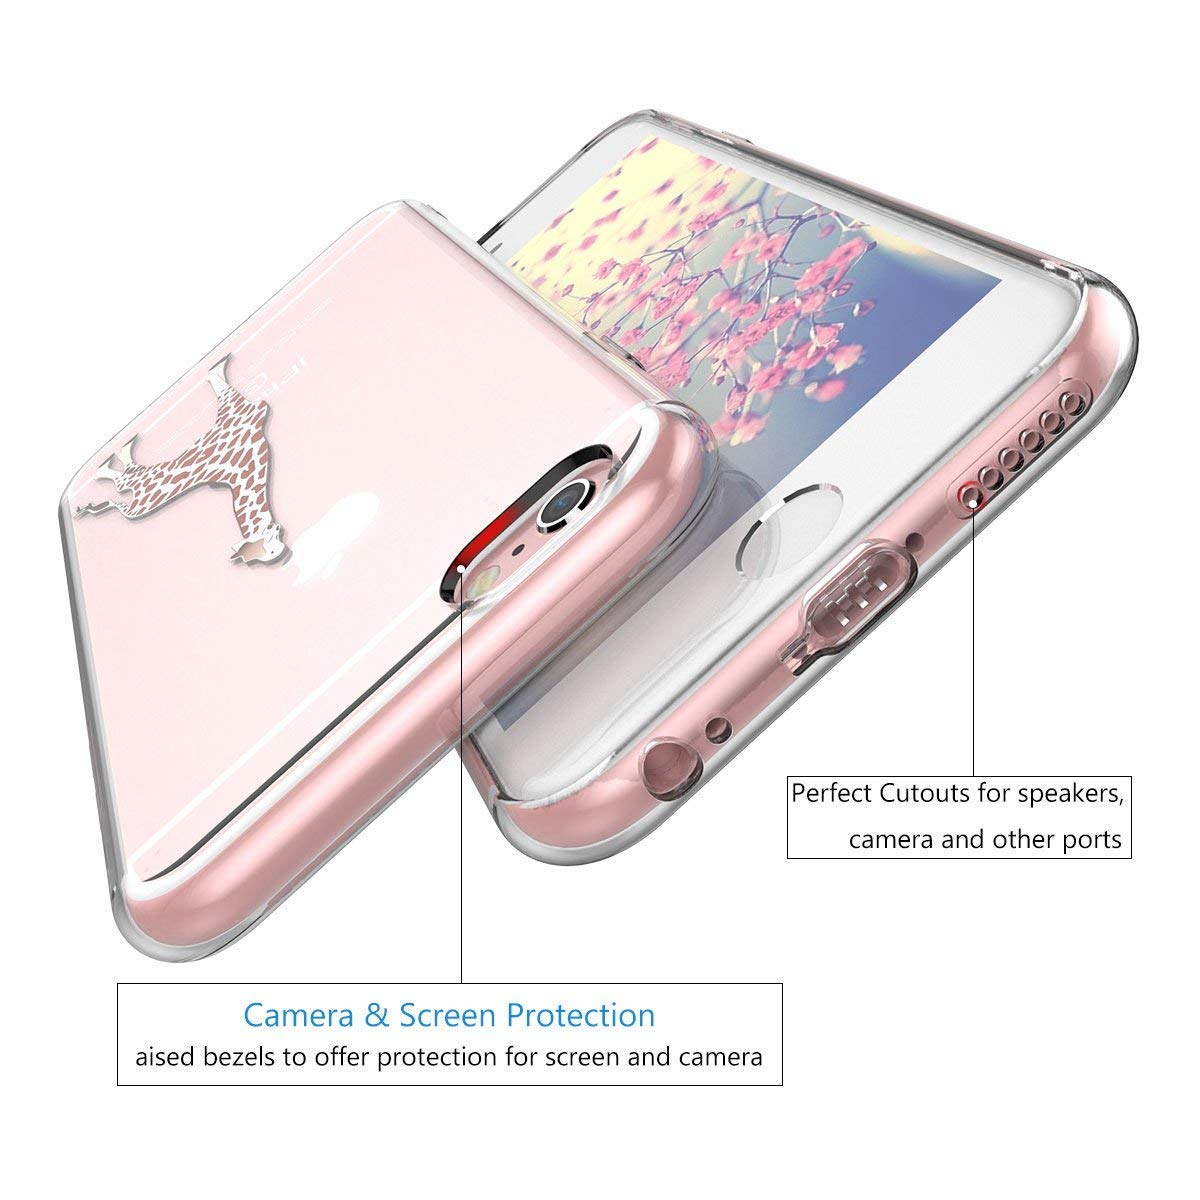 Mond Angeln Universum Giraffe CreWin Kompatibel mit iPhone 7 Plus H/ülle iPhone 8 Plus Handyh/ülle Transparent Silikon Bumper Durchsichtig Schutzh/ülle Lieblich Logo Kreativ Muster Handytasche